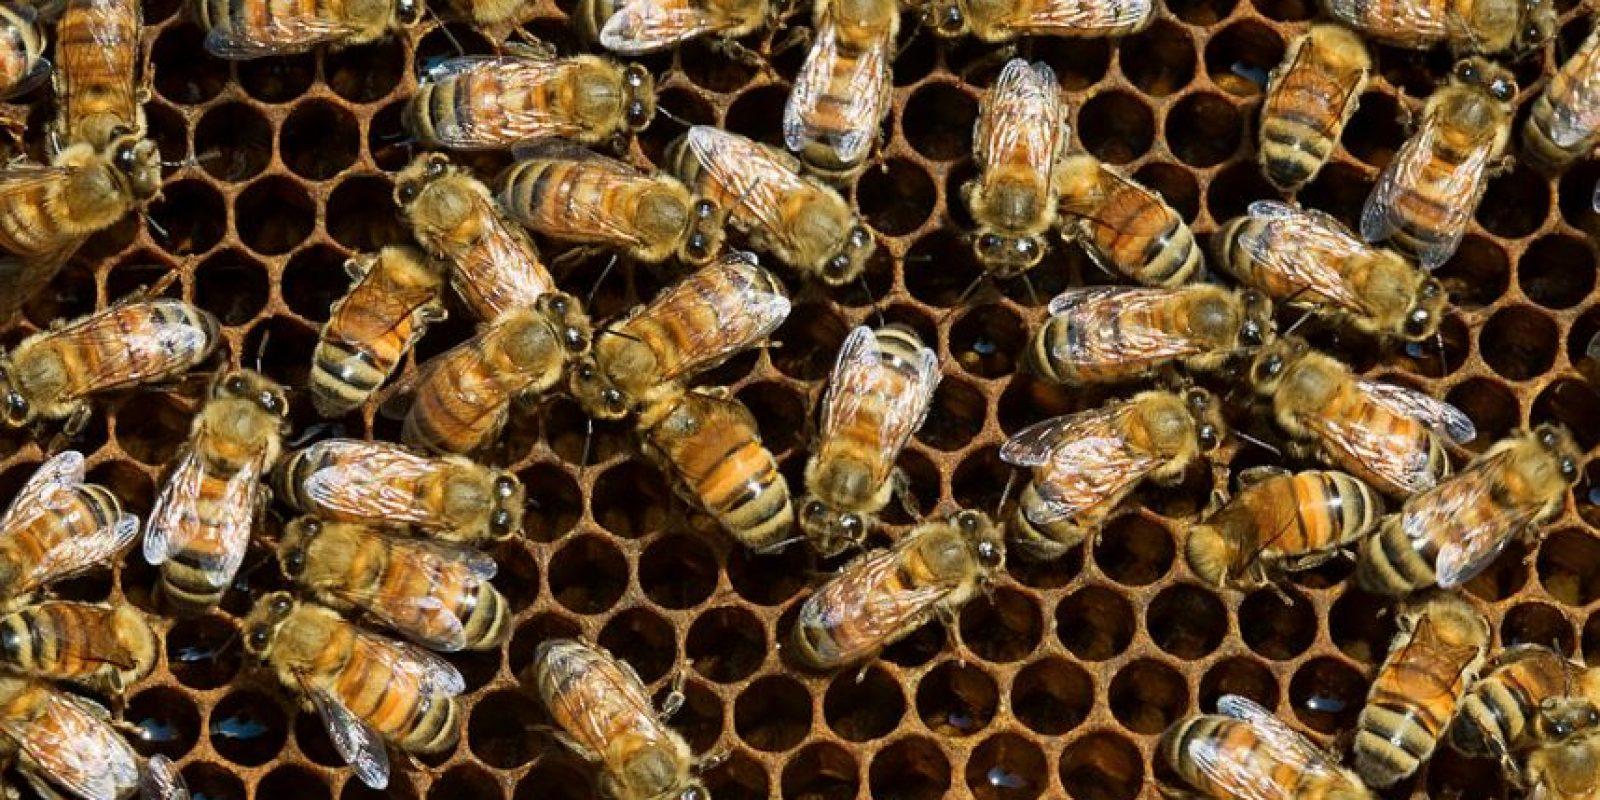 Imagen de archivo para ilustrar no corresponde al evento. Las colmenas de abejas pueden llegar a contener hasta 80.000 individuos. Foto:Getty Images/ Archivo